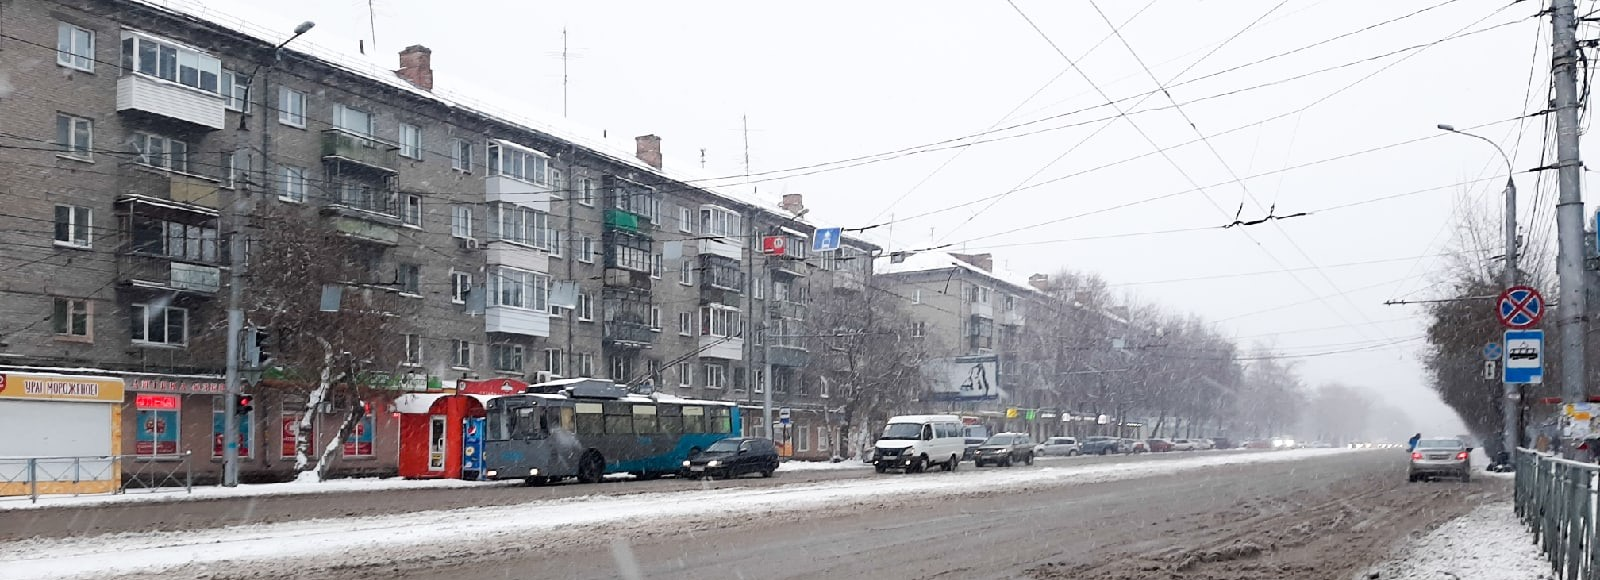 снег, крыши